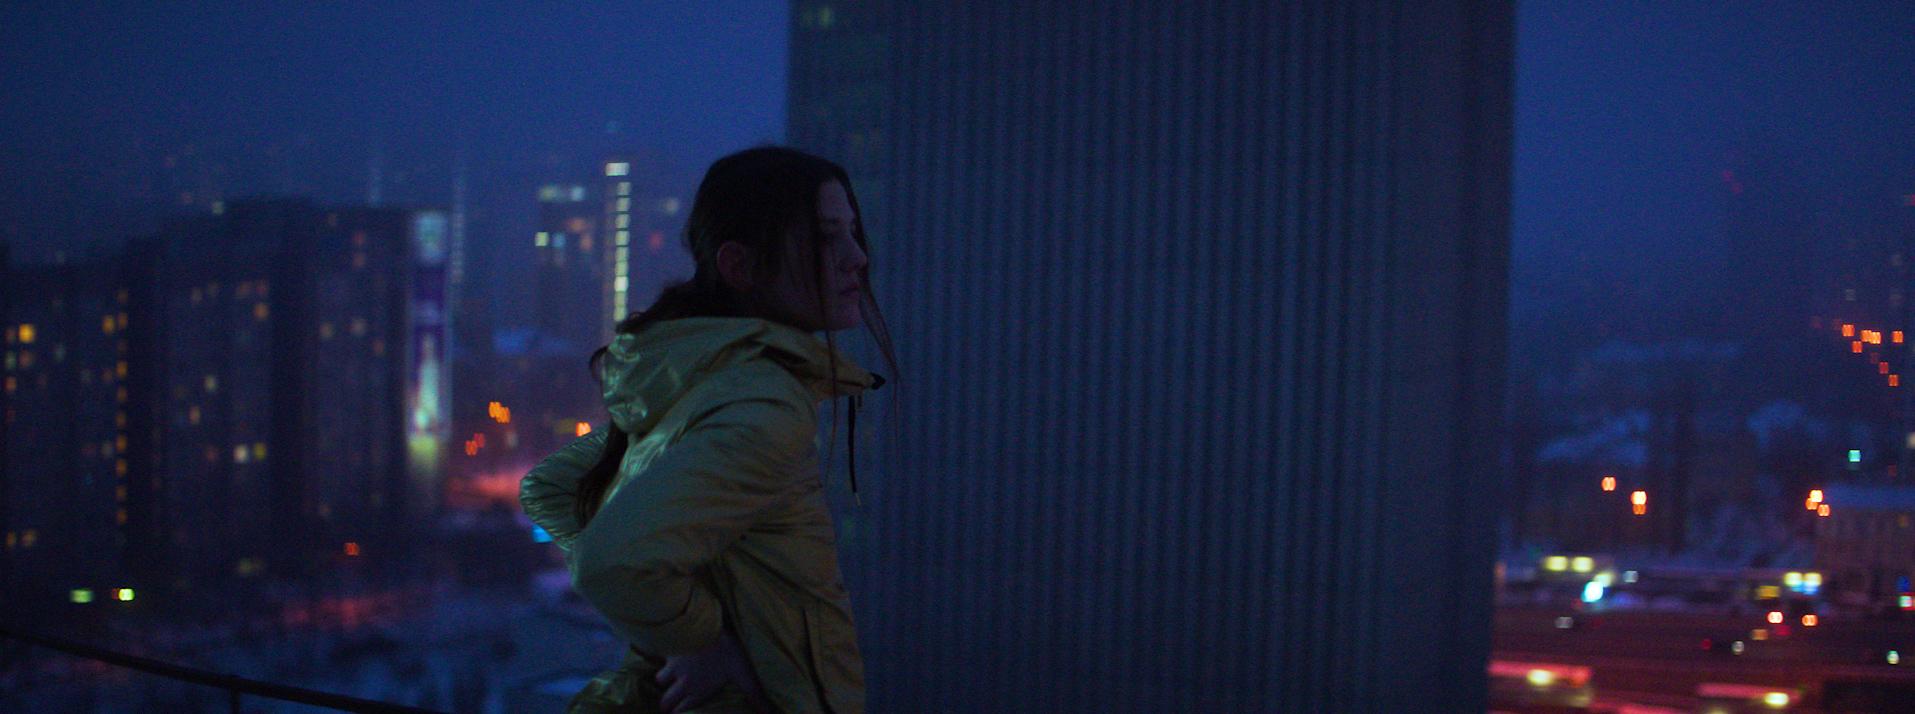 Apartment Leap - v5 - Director's Cut  (LOWER LIGHT).00_00_20_02.Still008.jpg